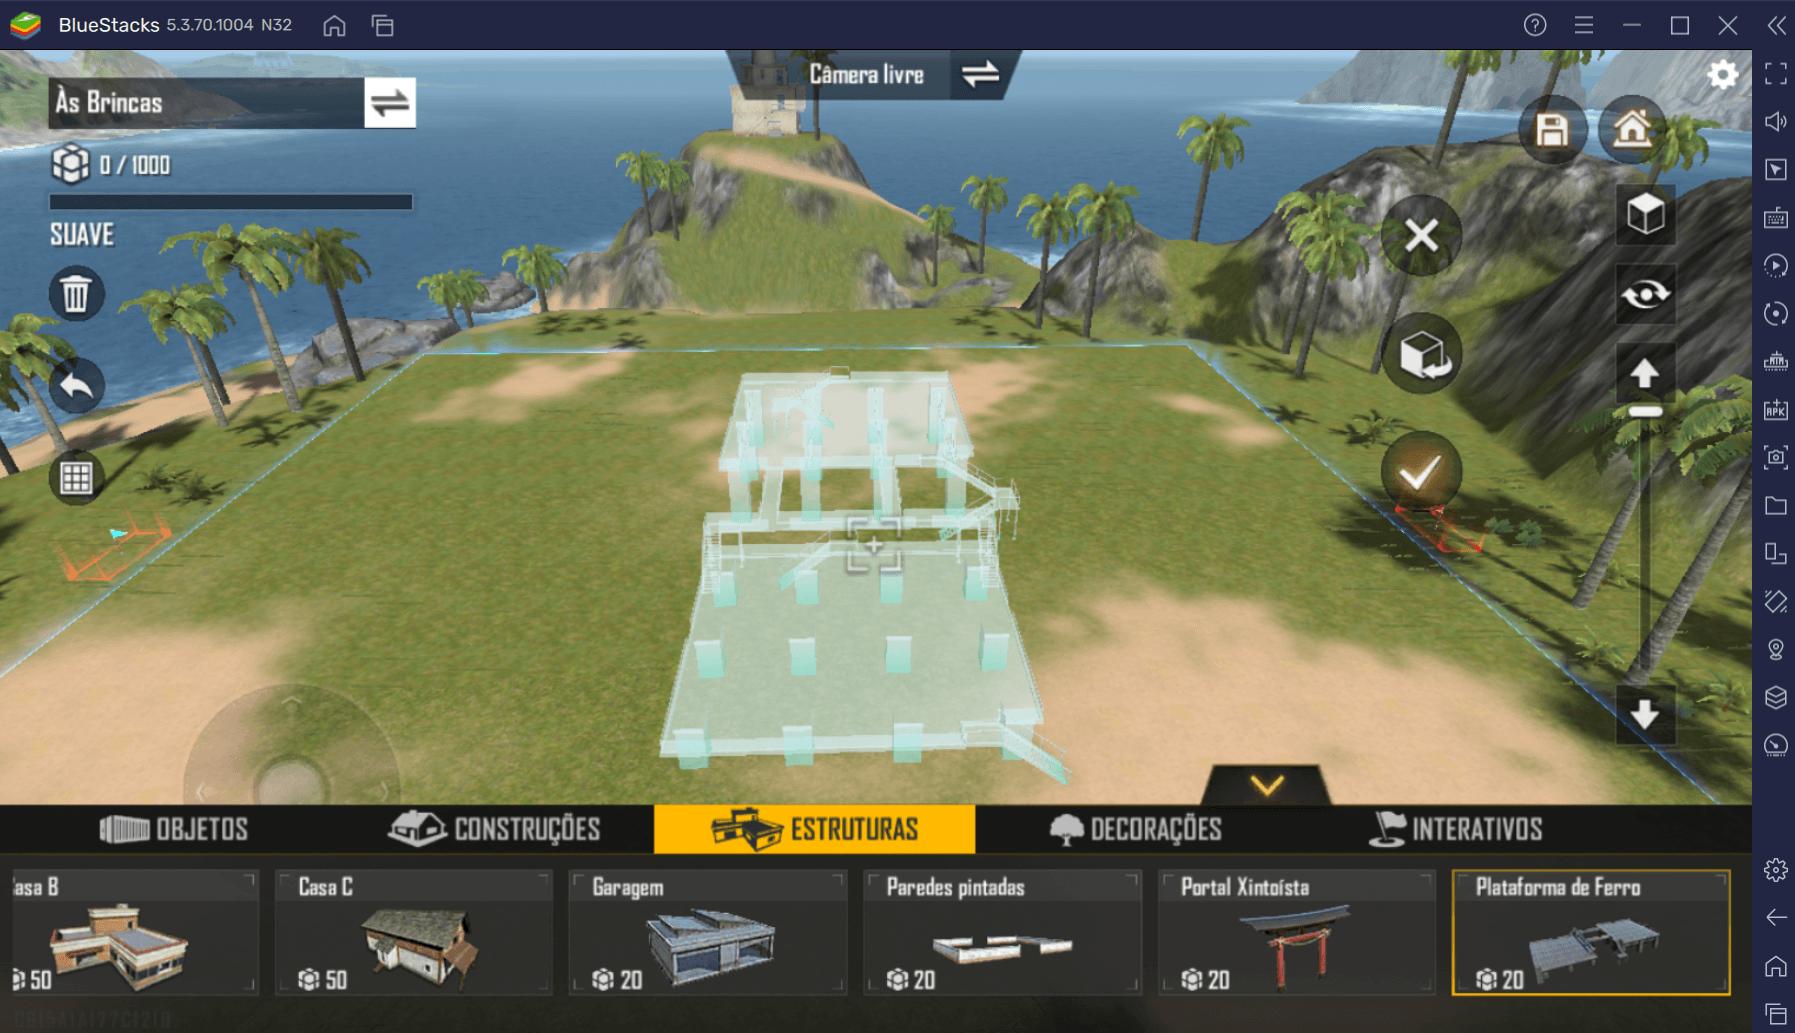 Como criar seu próprio mapa em Garena Free Fire MAX para jogar com os amigos